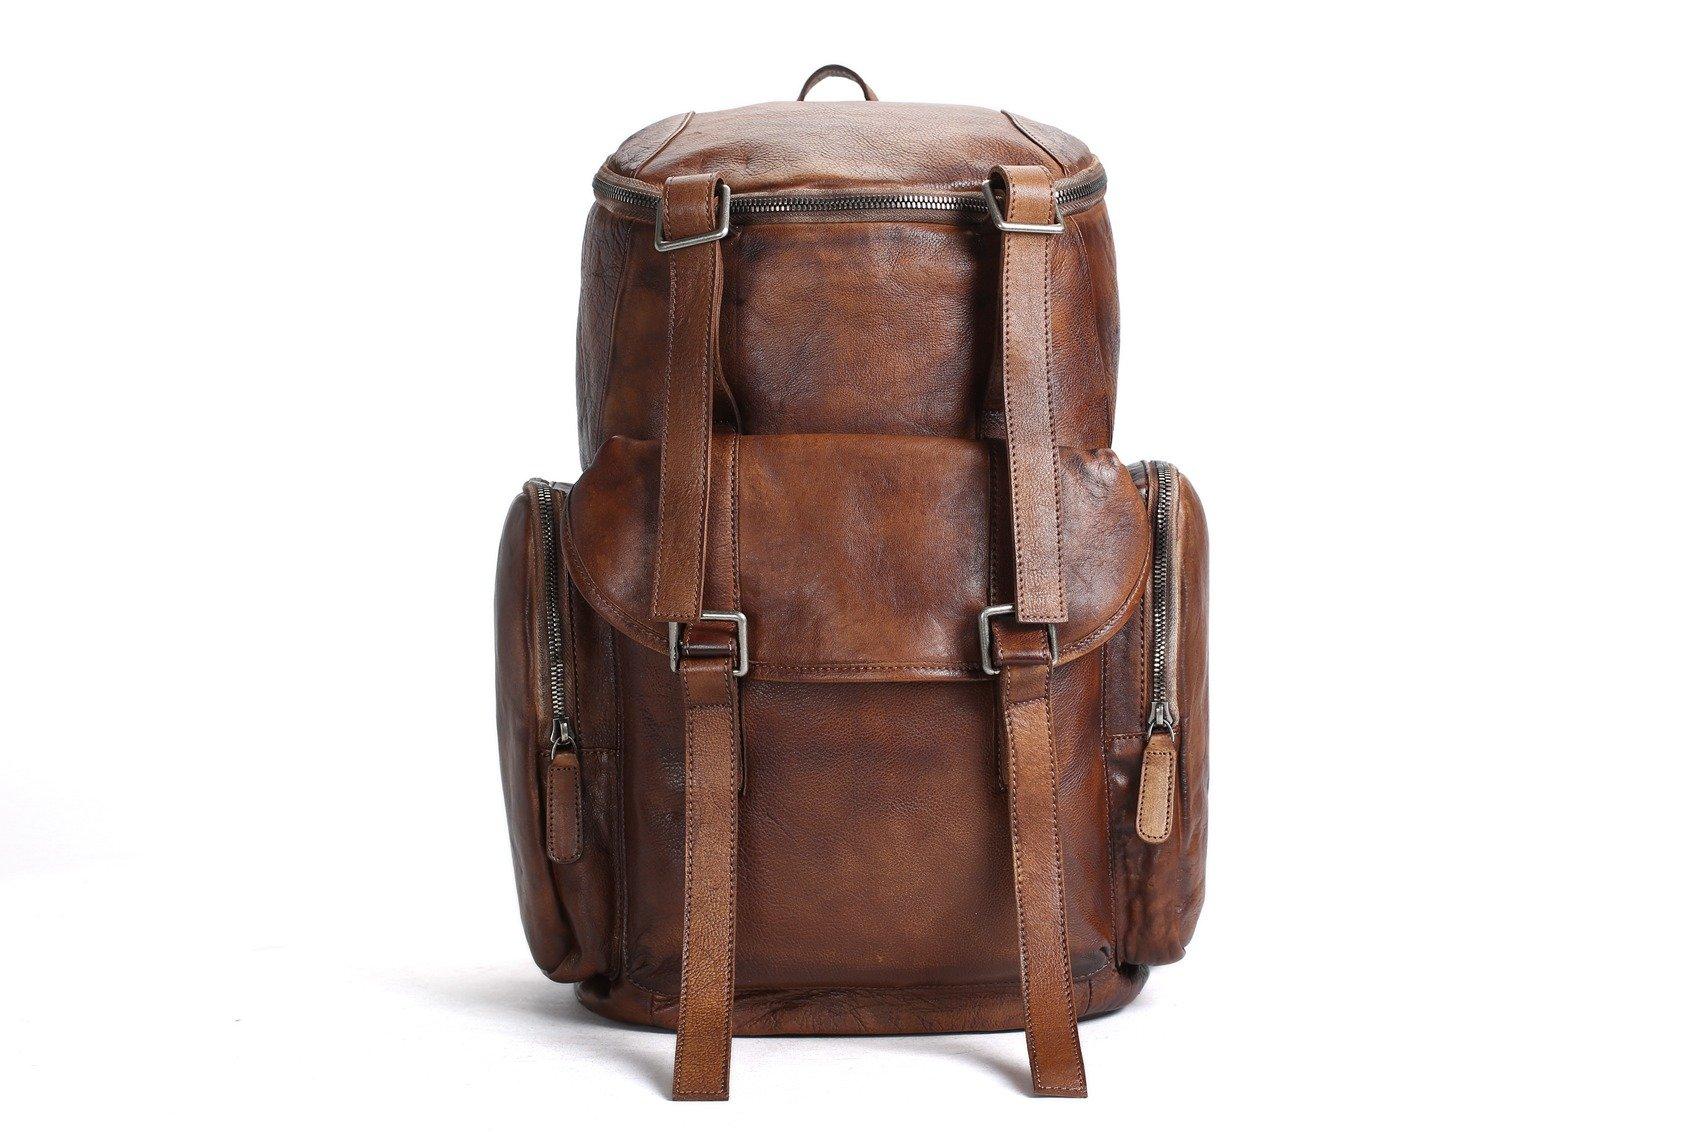 1aaf3eab38 MoshiLeatherBag - Handmade Leather Bag Manufacturer — Oversized Vintage  Leather Backpack